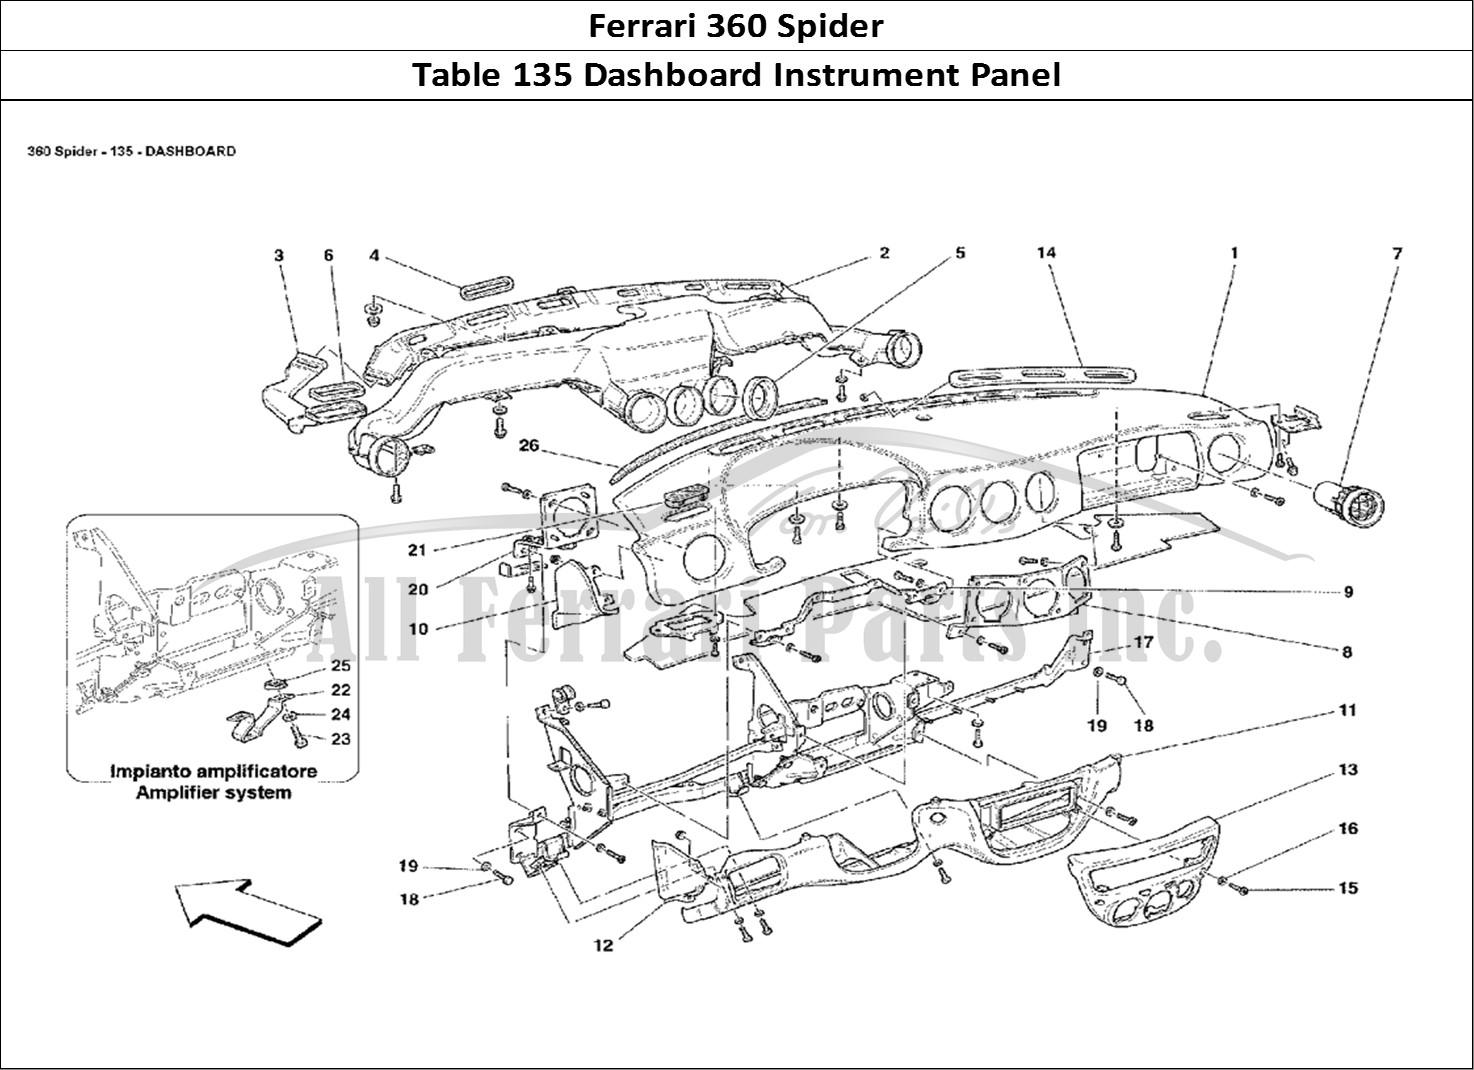 buy original ferrari 360 spider 135 dashboard instrument panel ferrari parts  spares